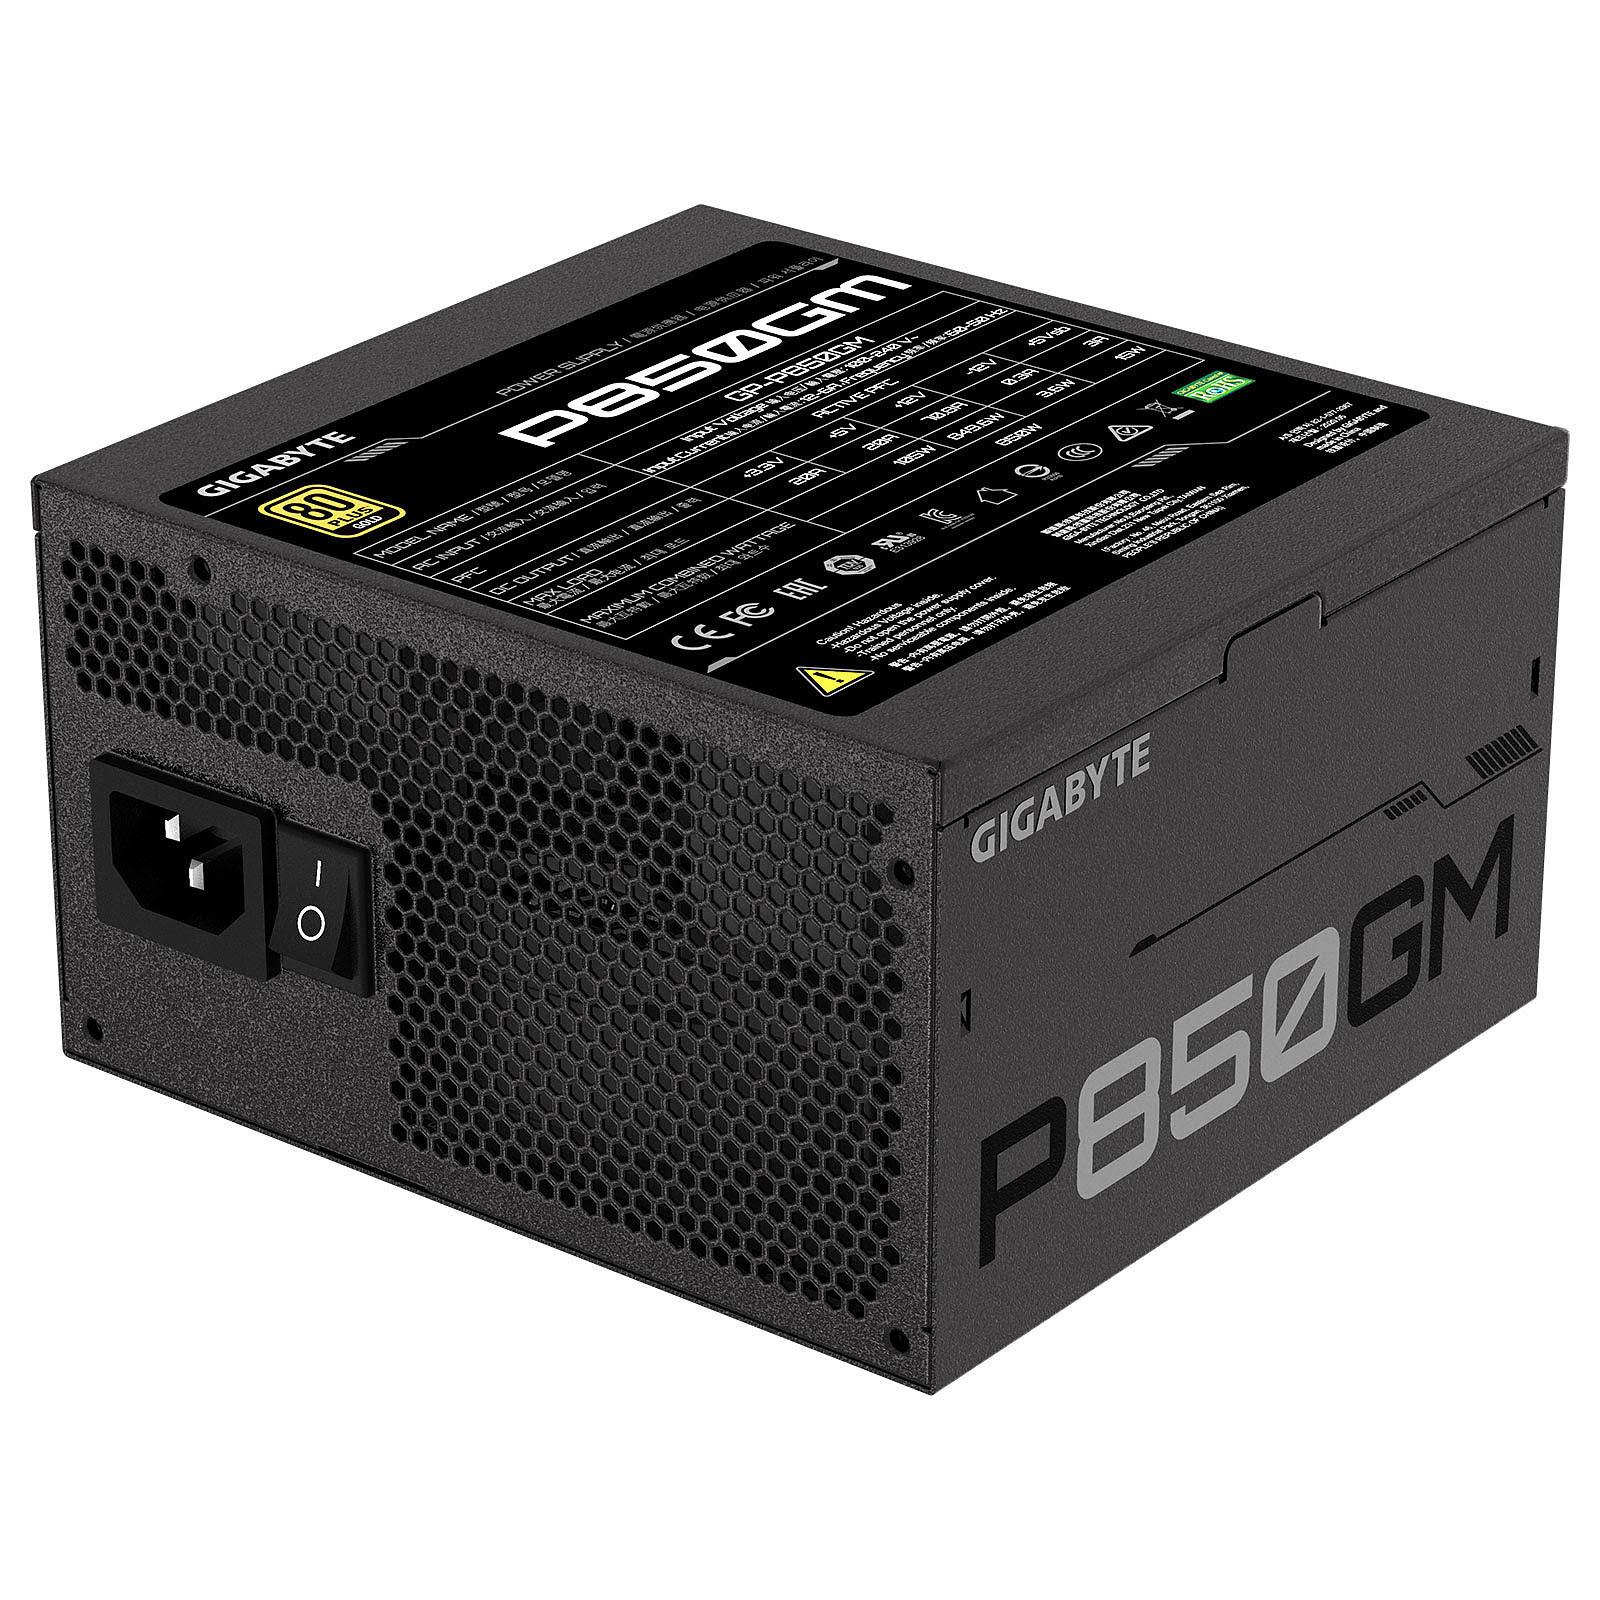 Gigabyte P850GM Fully Modular (850W 80+ Gold) - Alimentation - 4